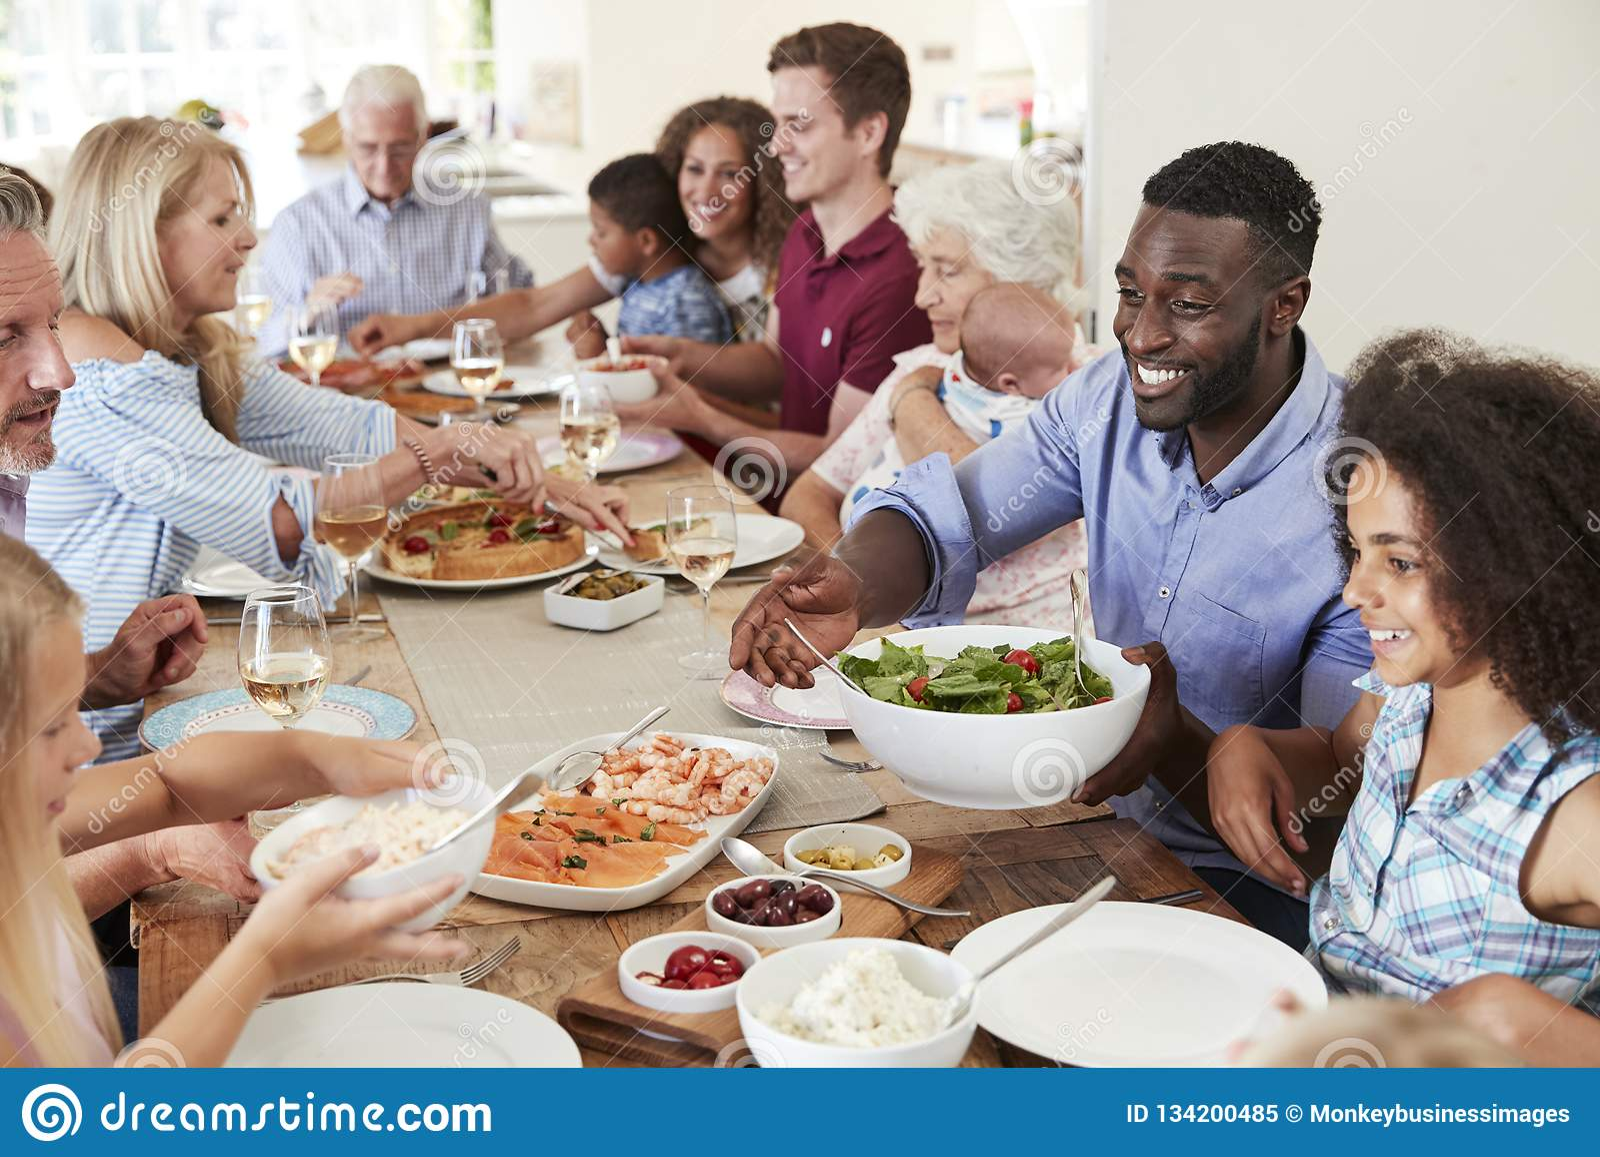 坐在表附近和享受膳食的小组多代的家庭和朋友